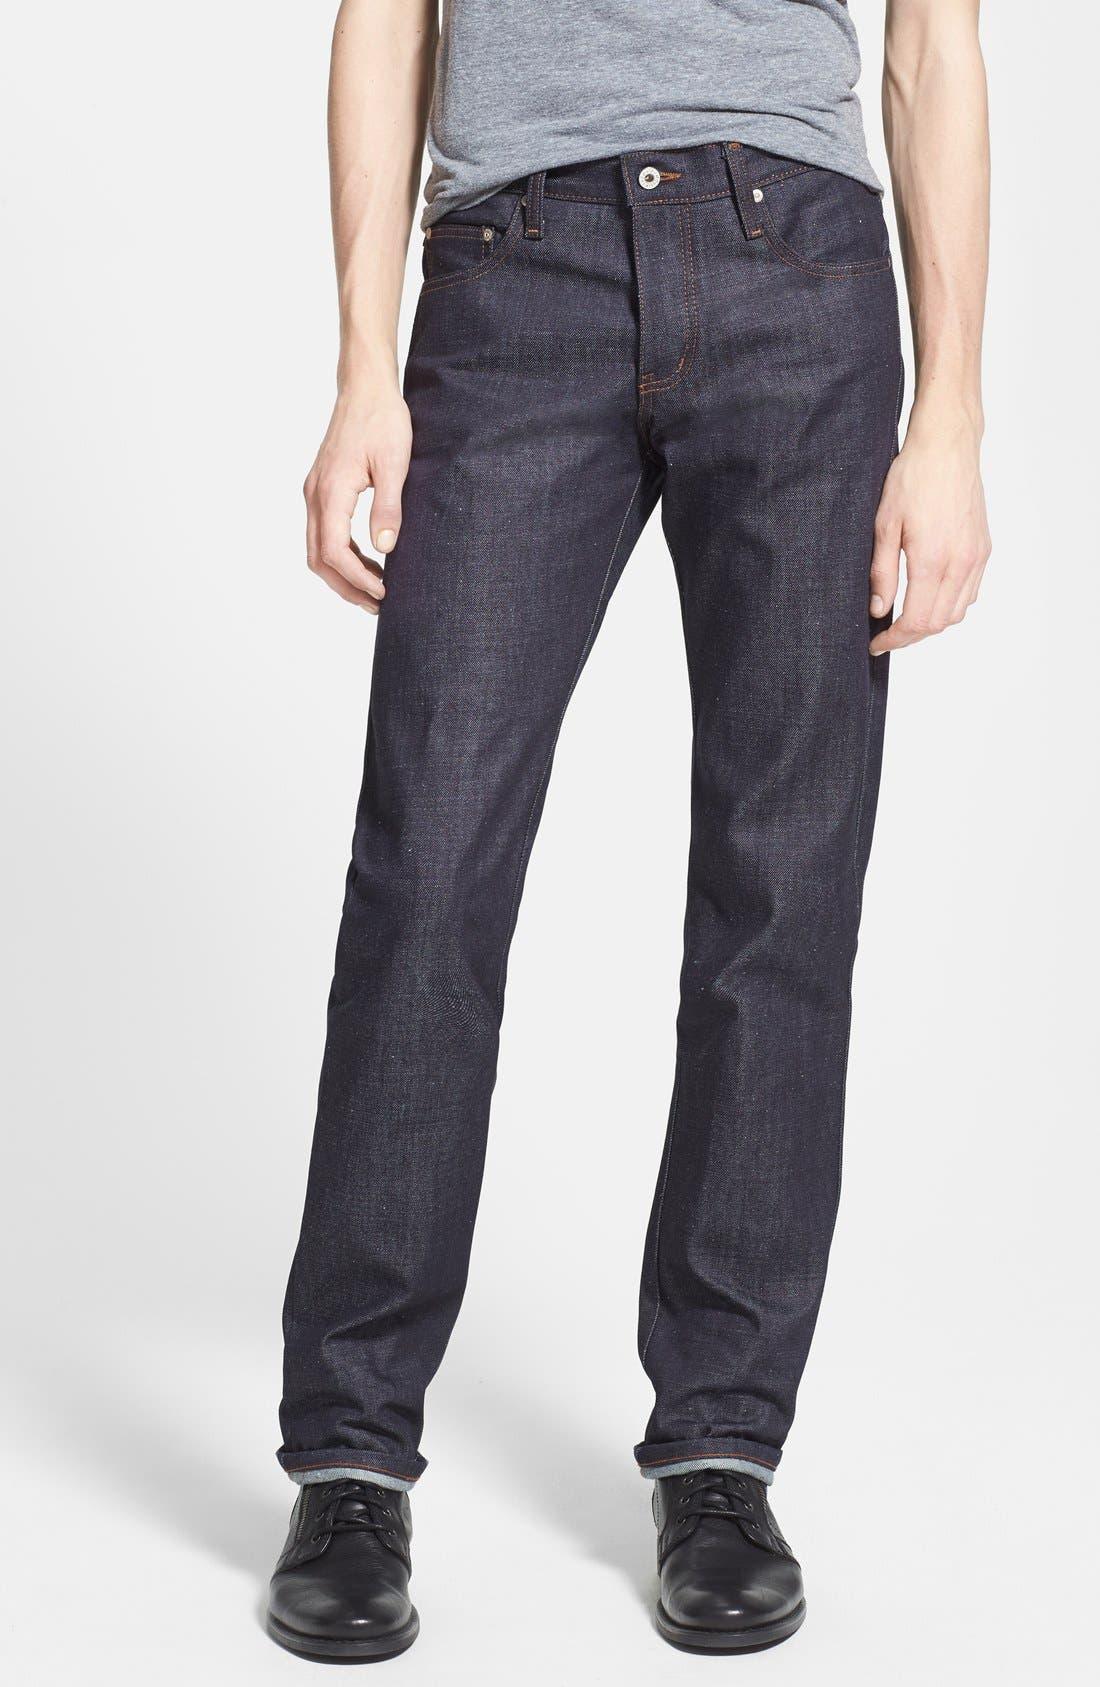 Alternate Image 1 Selected - Naked & Famous Denim 'Slim Guy' Straight Leg Jeans (Indigo) (Online Only)